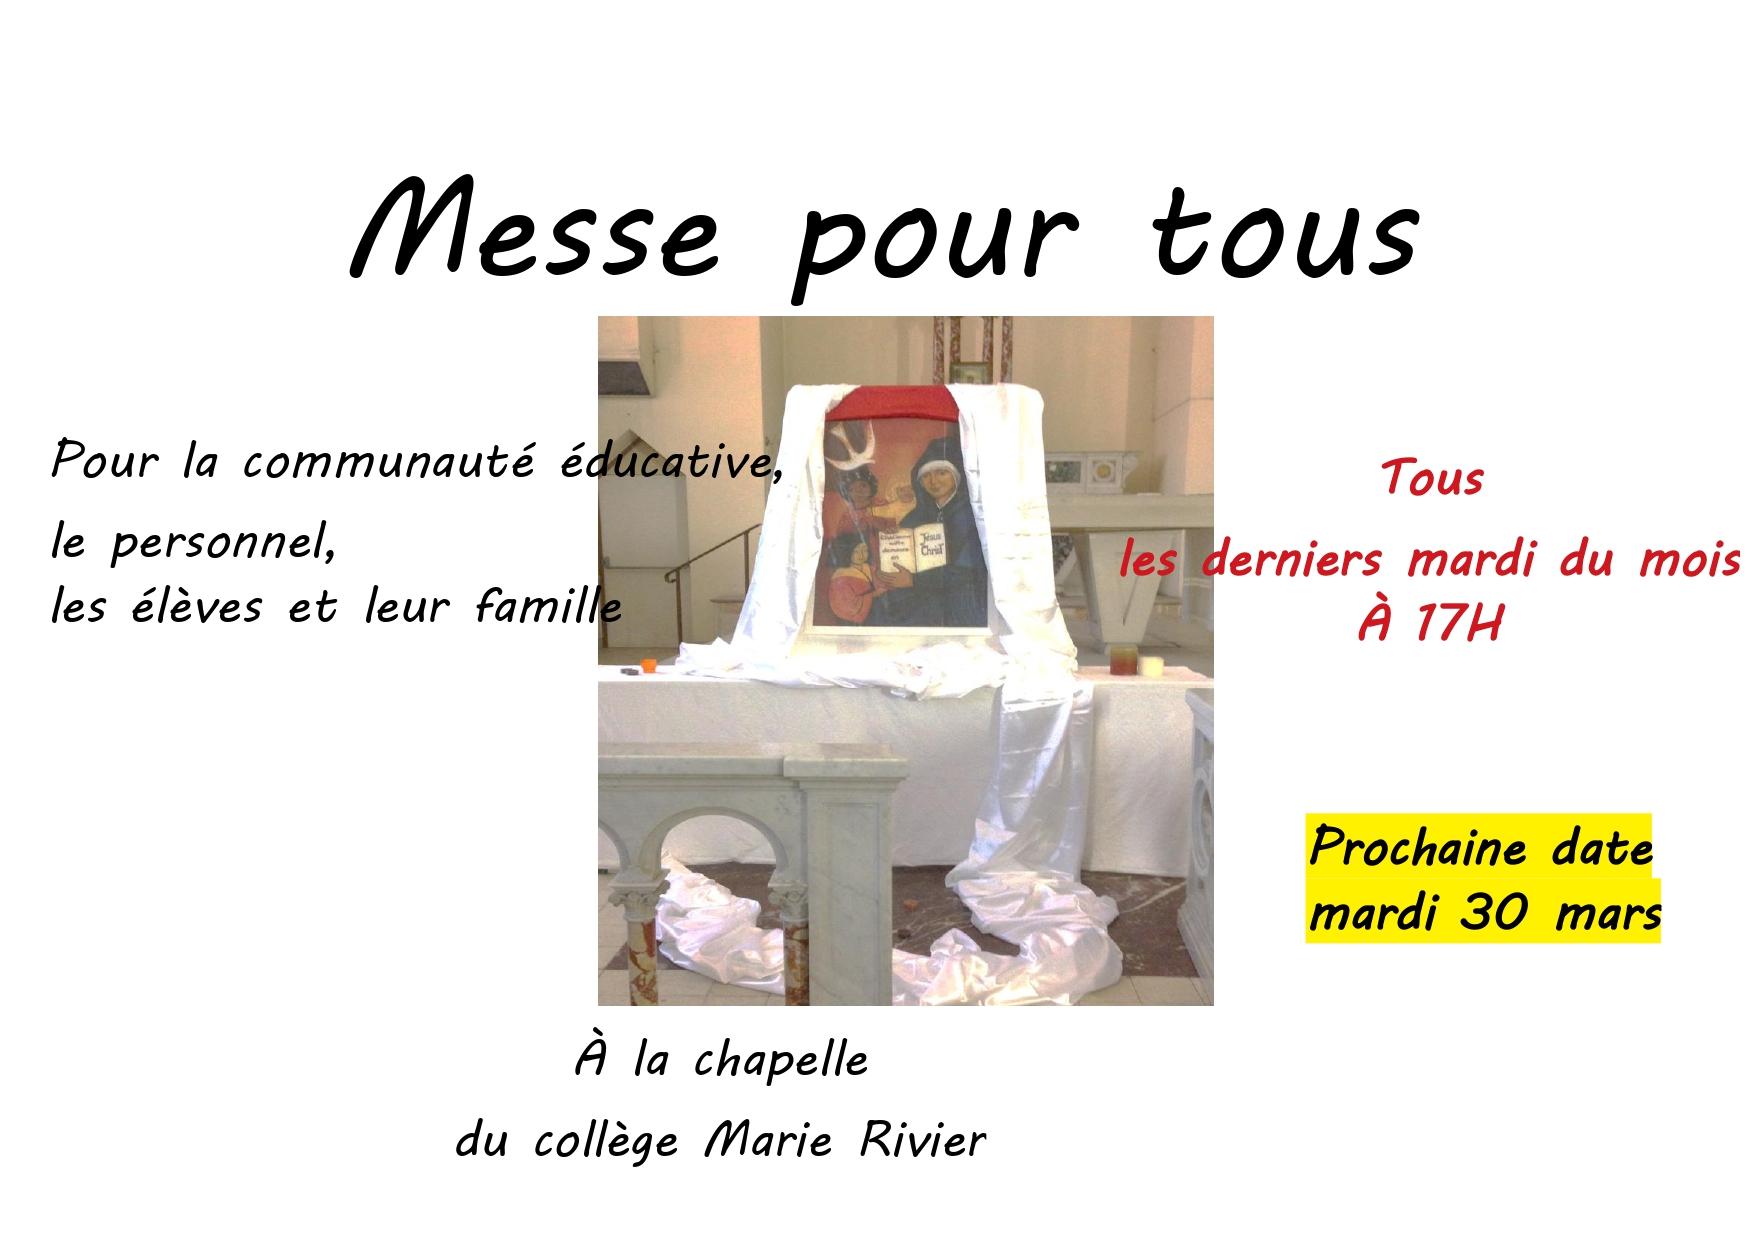 AFFICHAGE 1ERE MESSE DU MOIS_page-0001